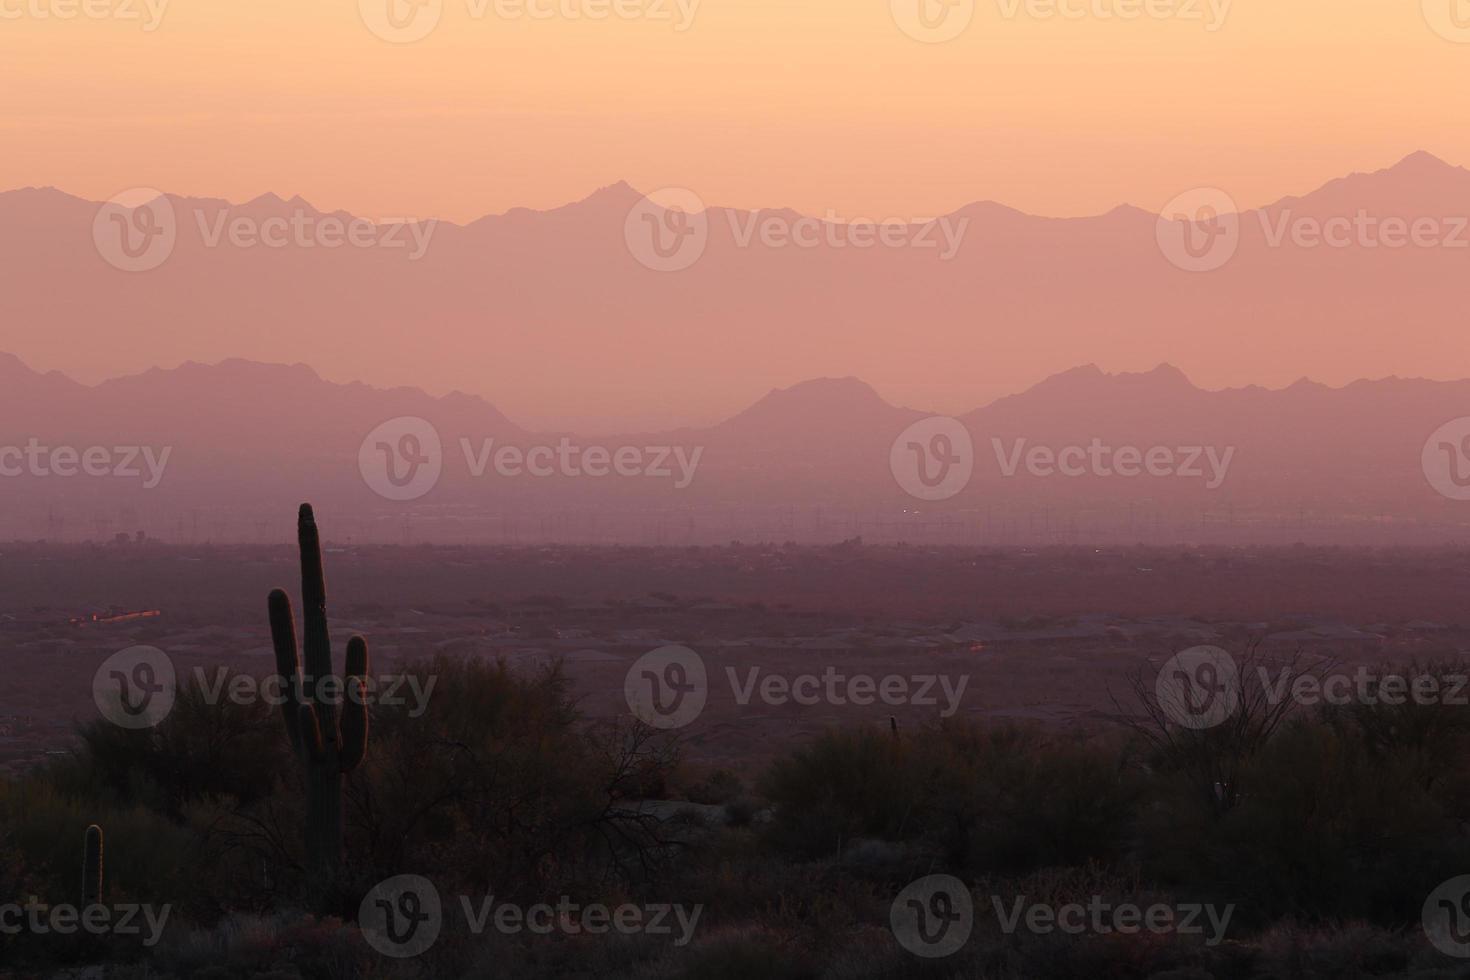 Wüste Südwesten Landschaft und Natur foto